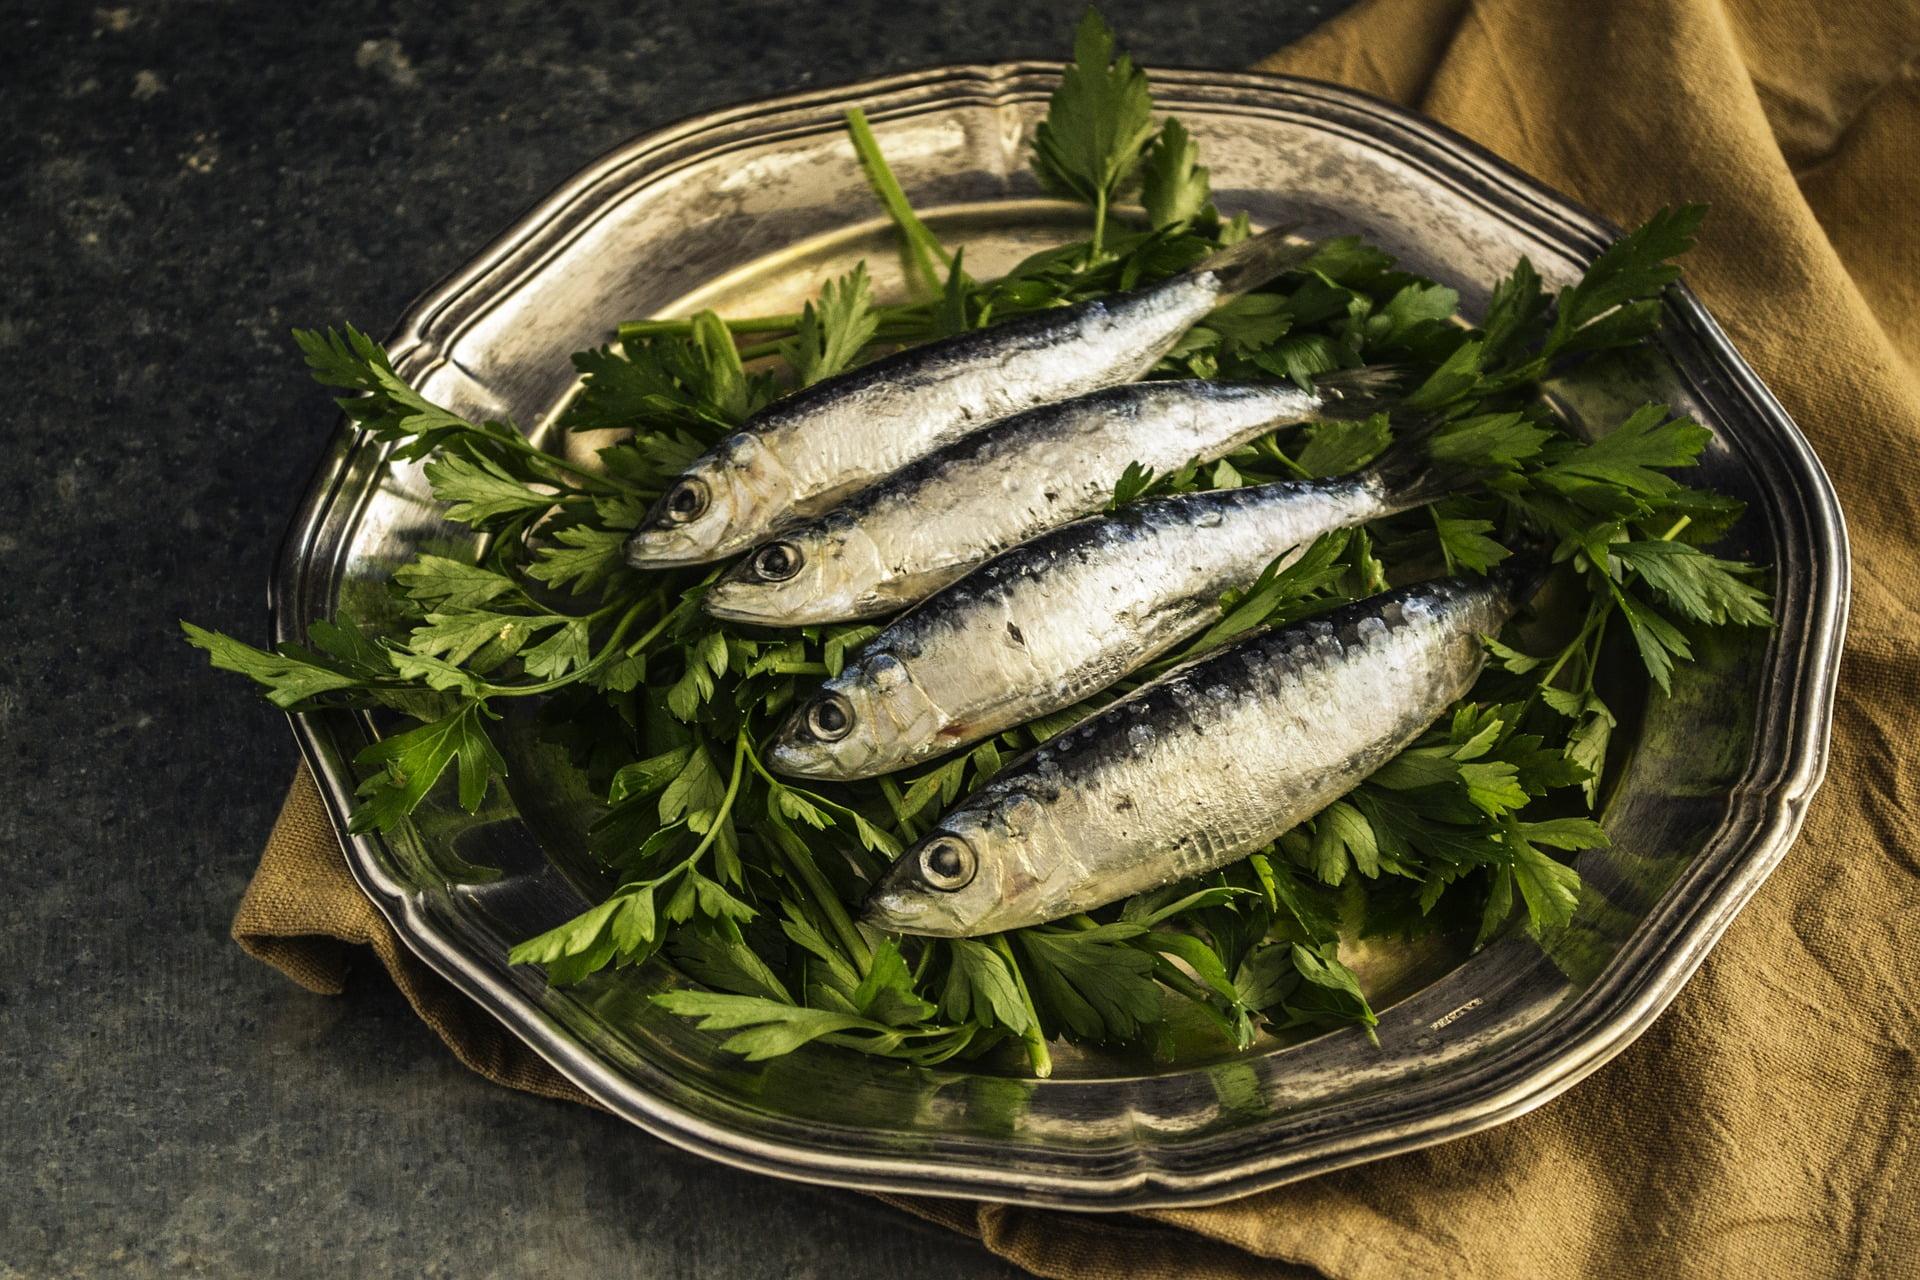 consumul de pește în sarcină